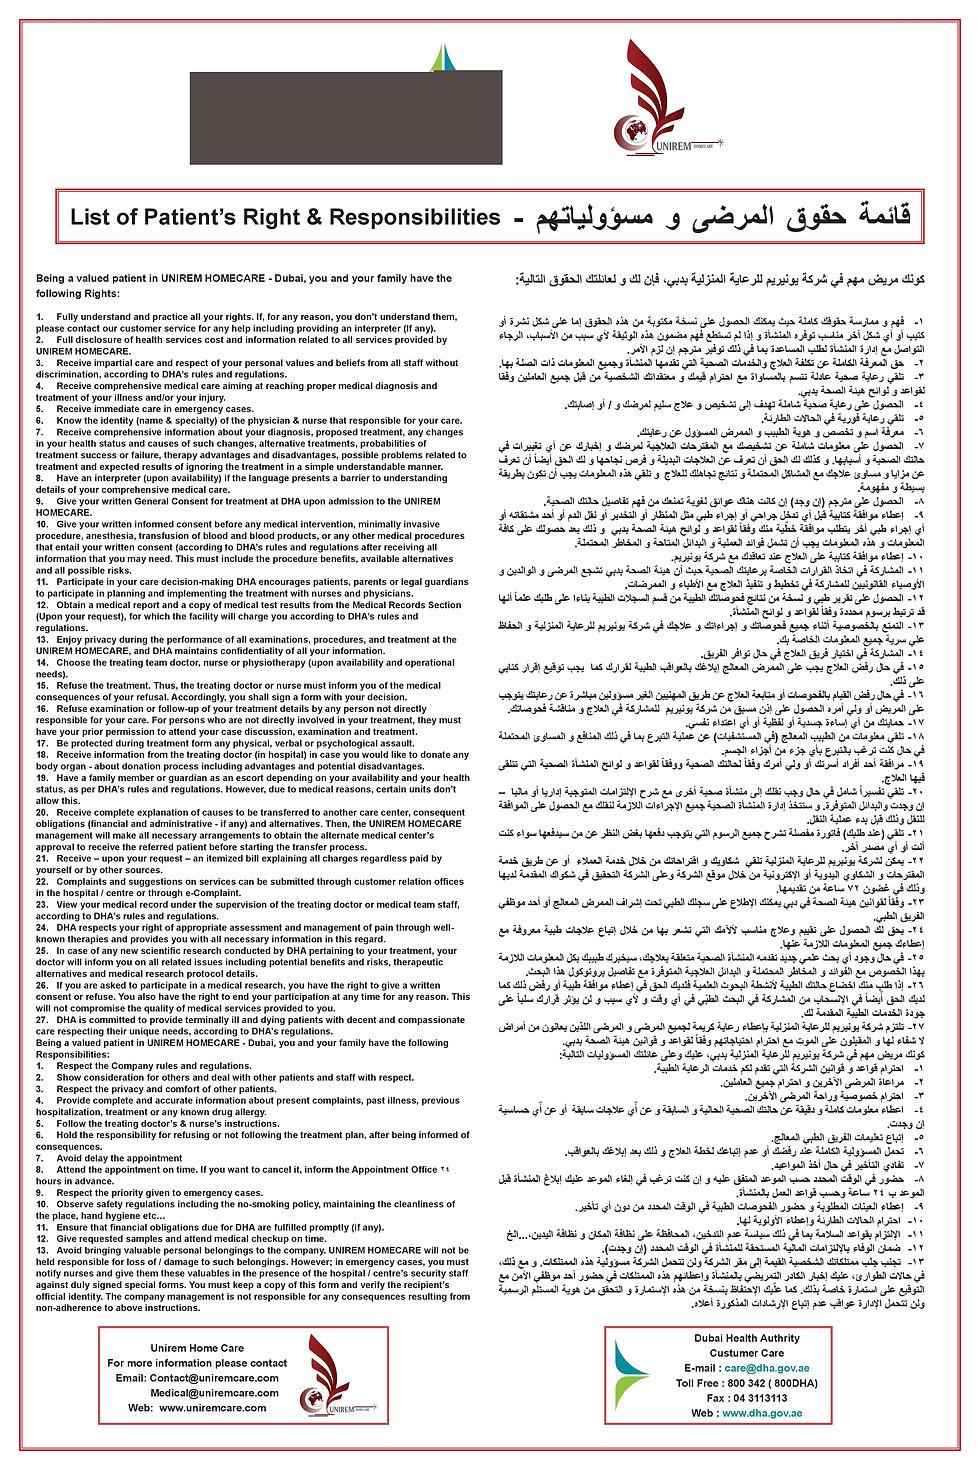 حقوق و واجبات المرضى